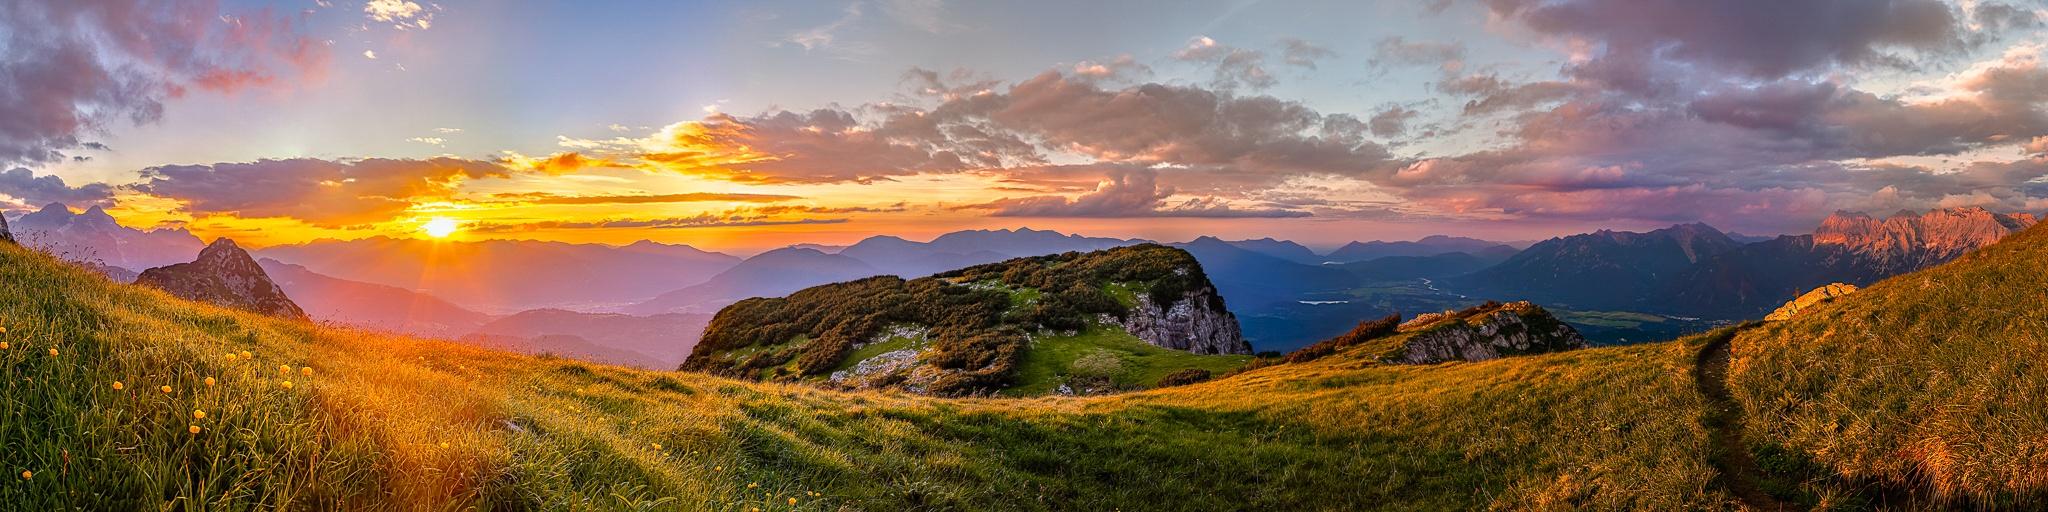 Sonnenuntergang, Panorama, Werdenfels, Berglandschaft, Alpen, Garmisch-Partenkirchen, Isrtal